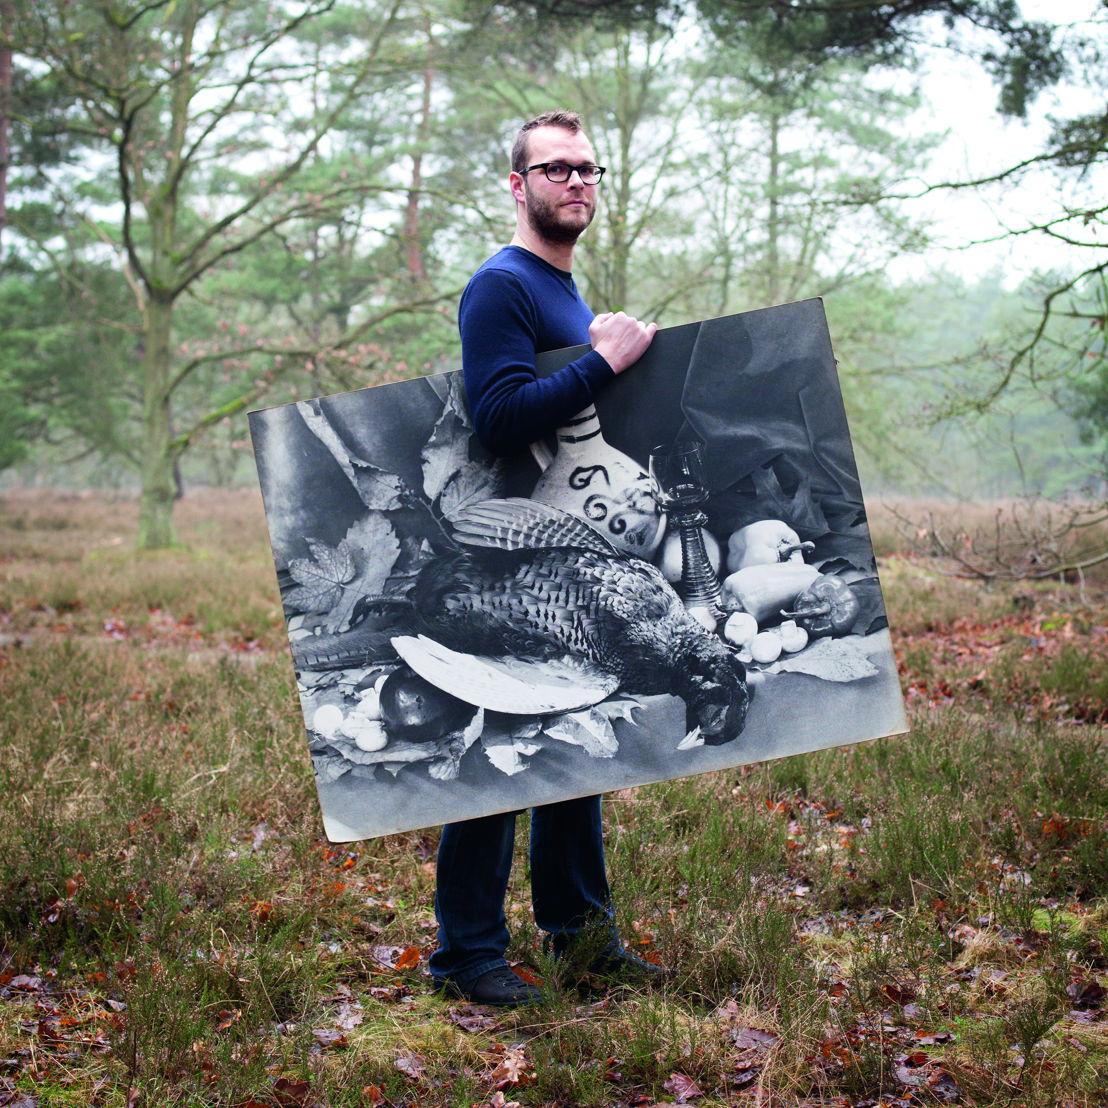 (c) Thomas Van de Water